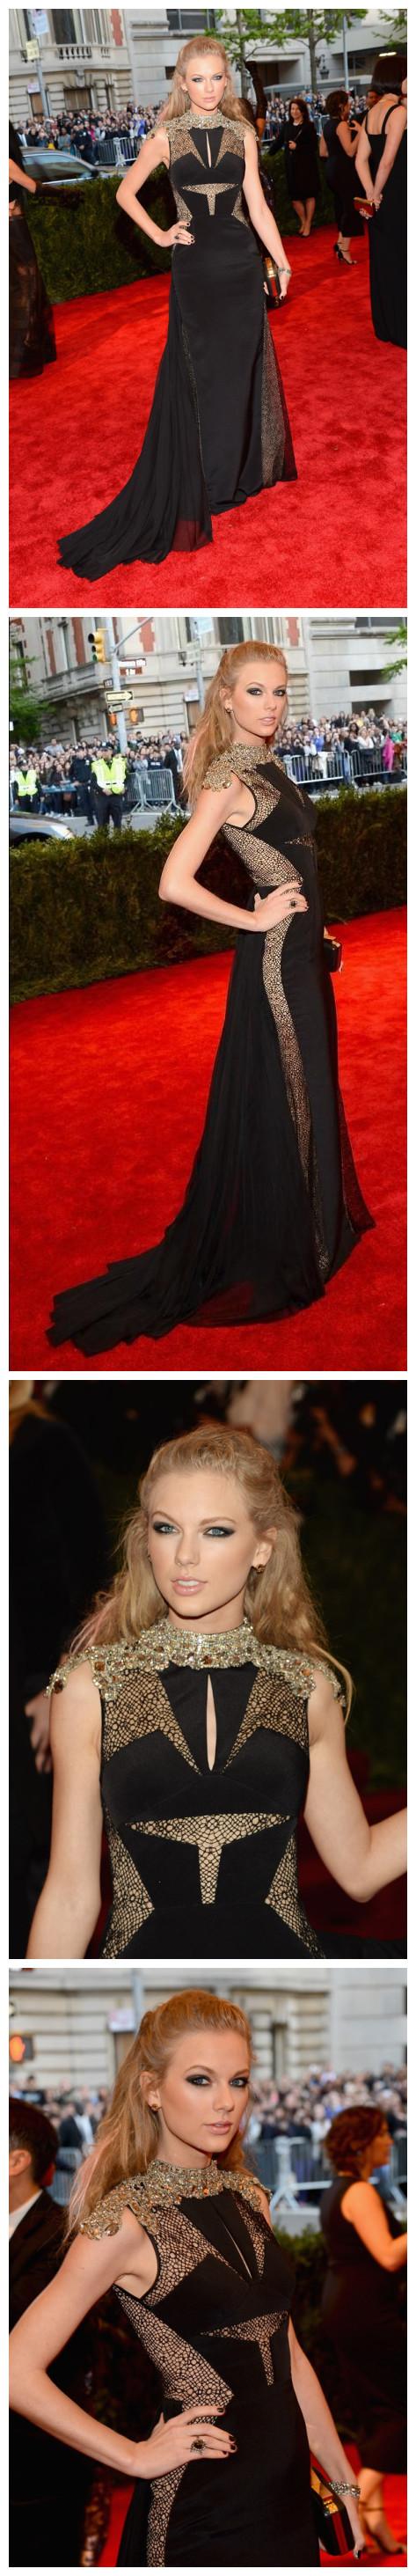 Taylor Swift porte une robe noire longue sur le tapis Met Ball 2013